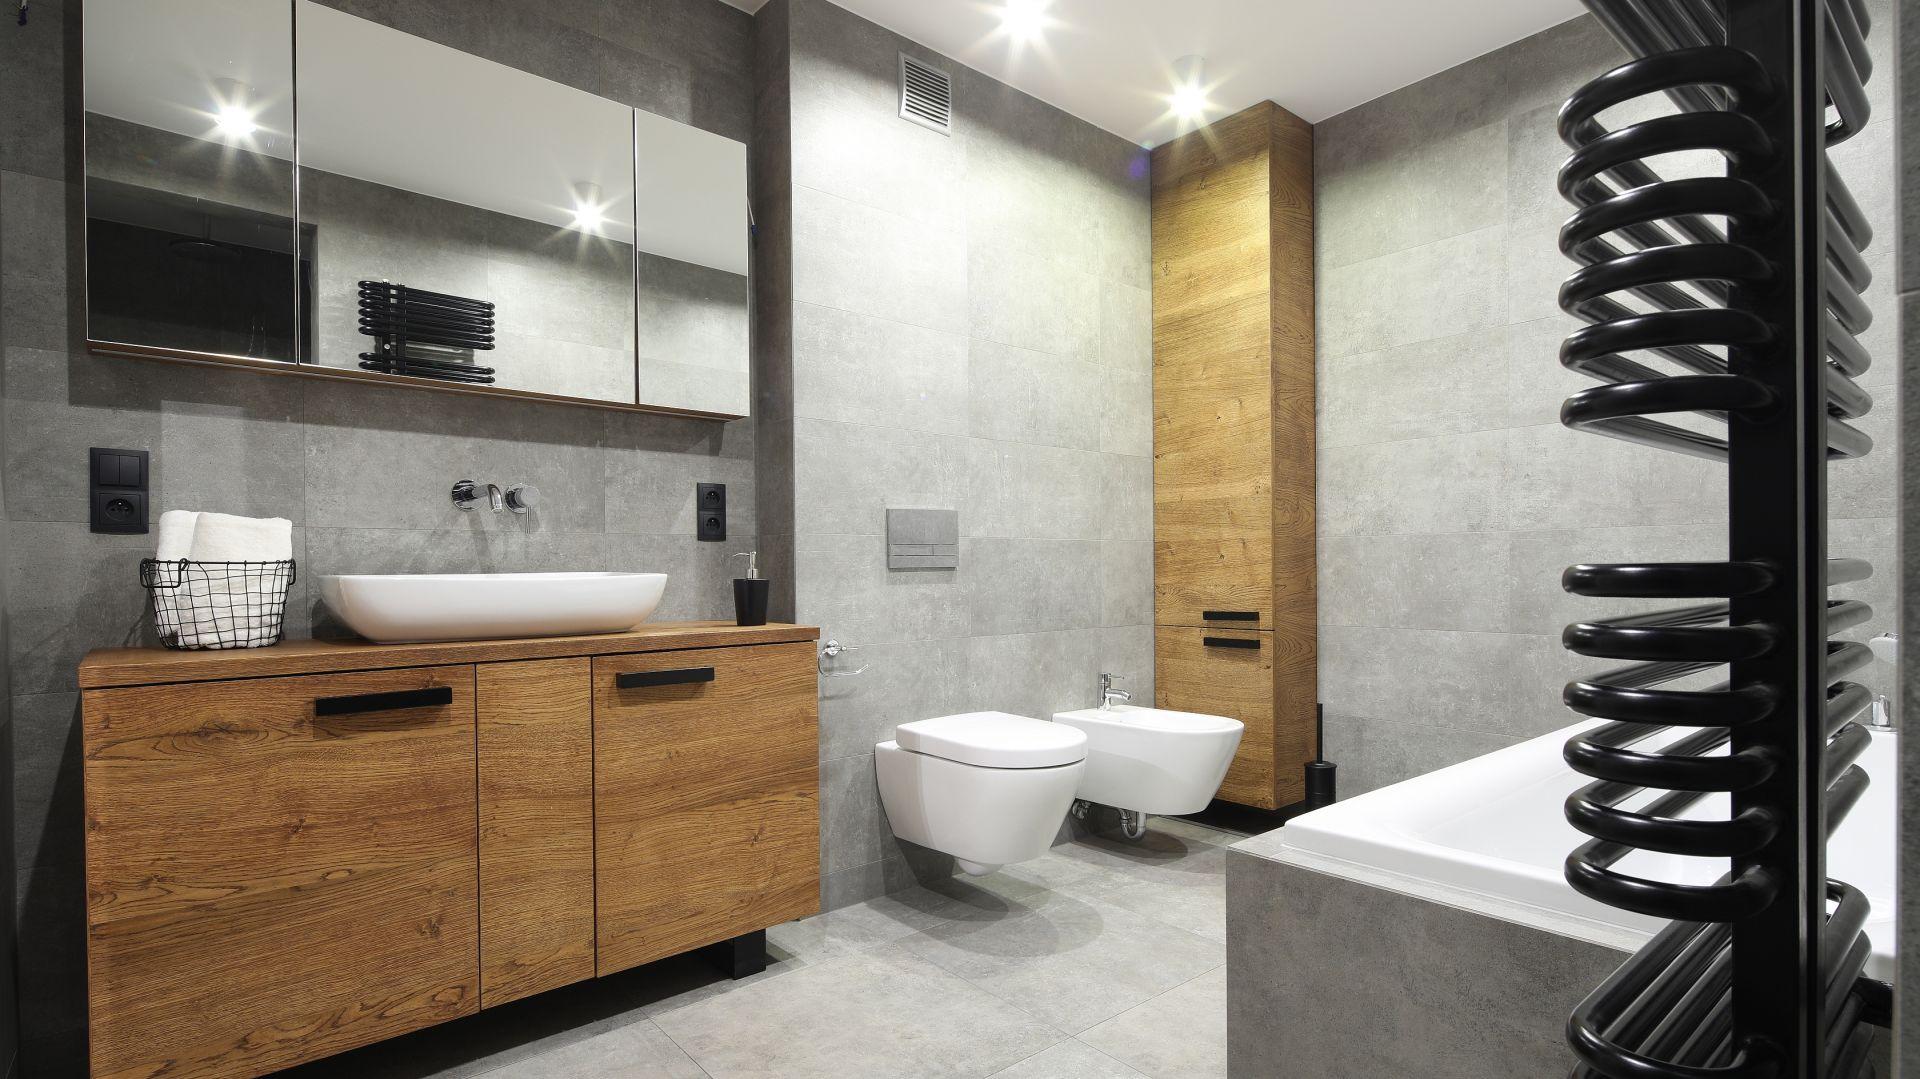 Szara łazienka Zobacz 15 Wyjątkowych Aranżacji